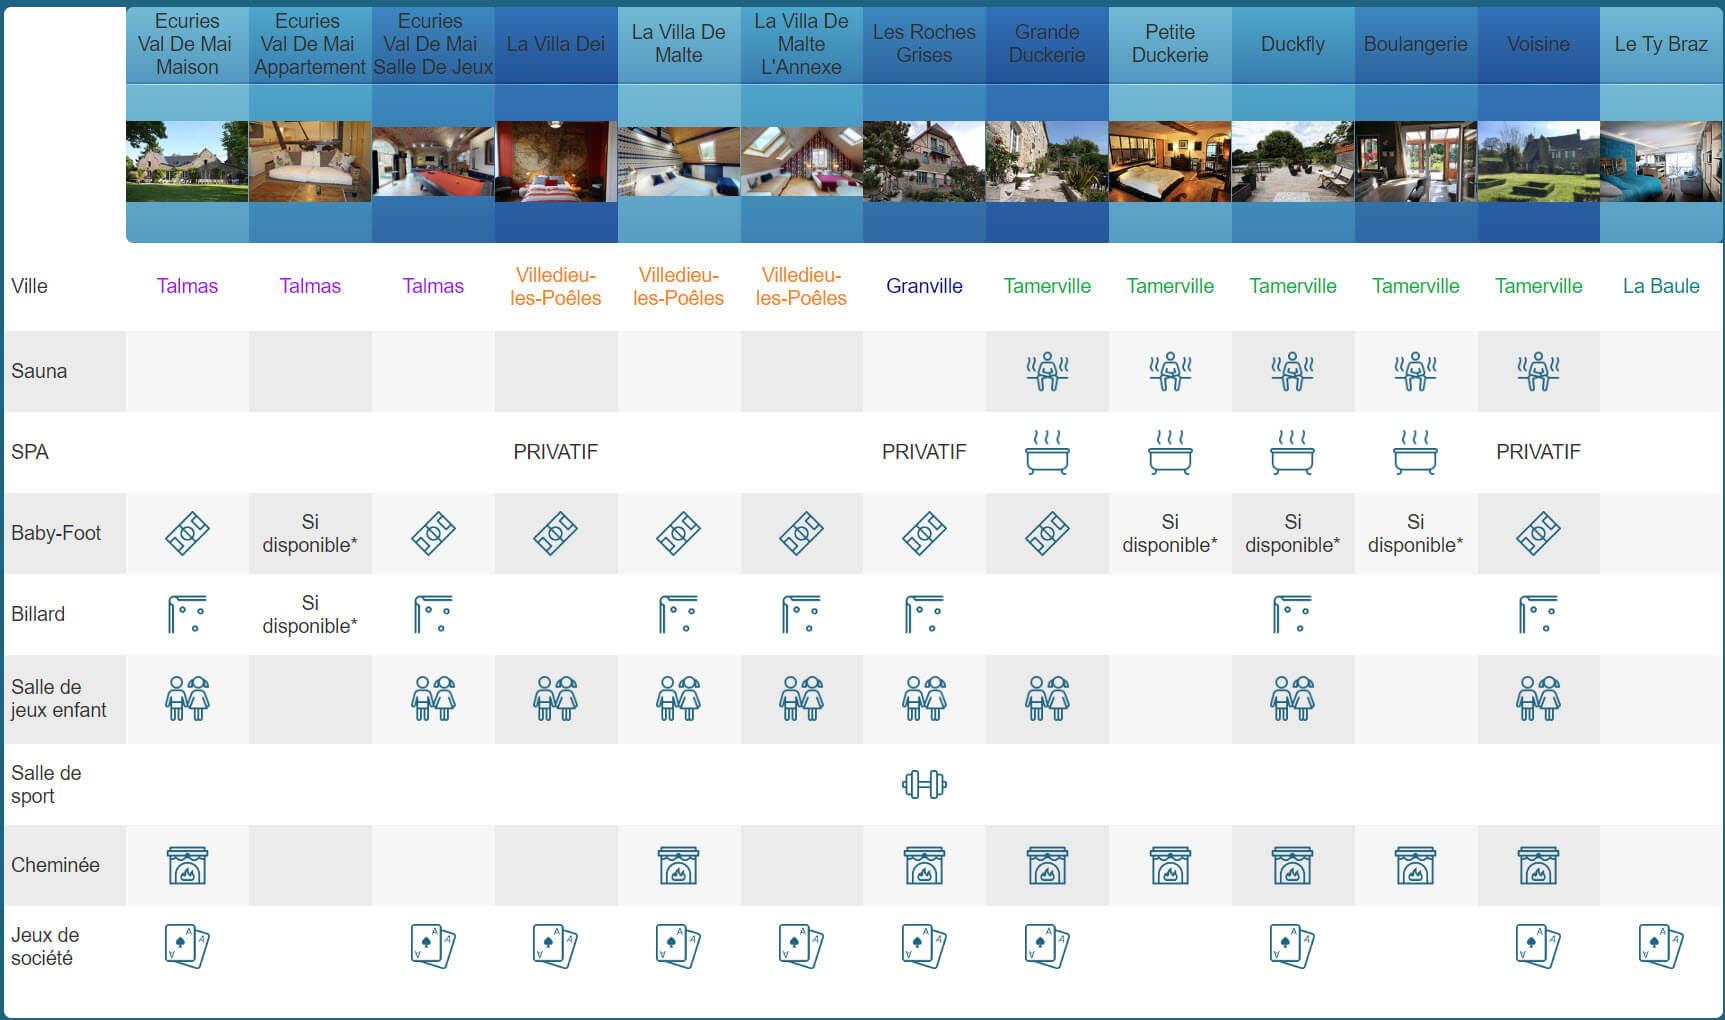 Tableau equipement 1 - Tarifs - Location de Gite La Clef Decamp - Laclefdecamp.fr